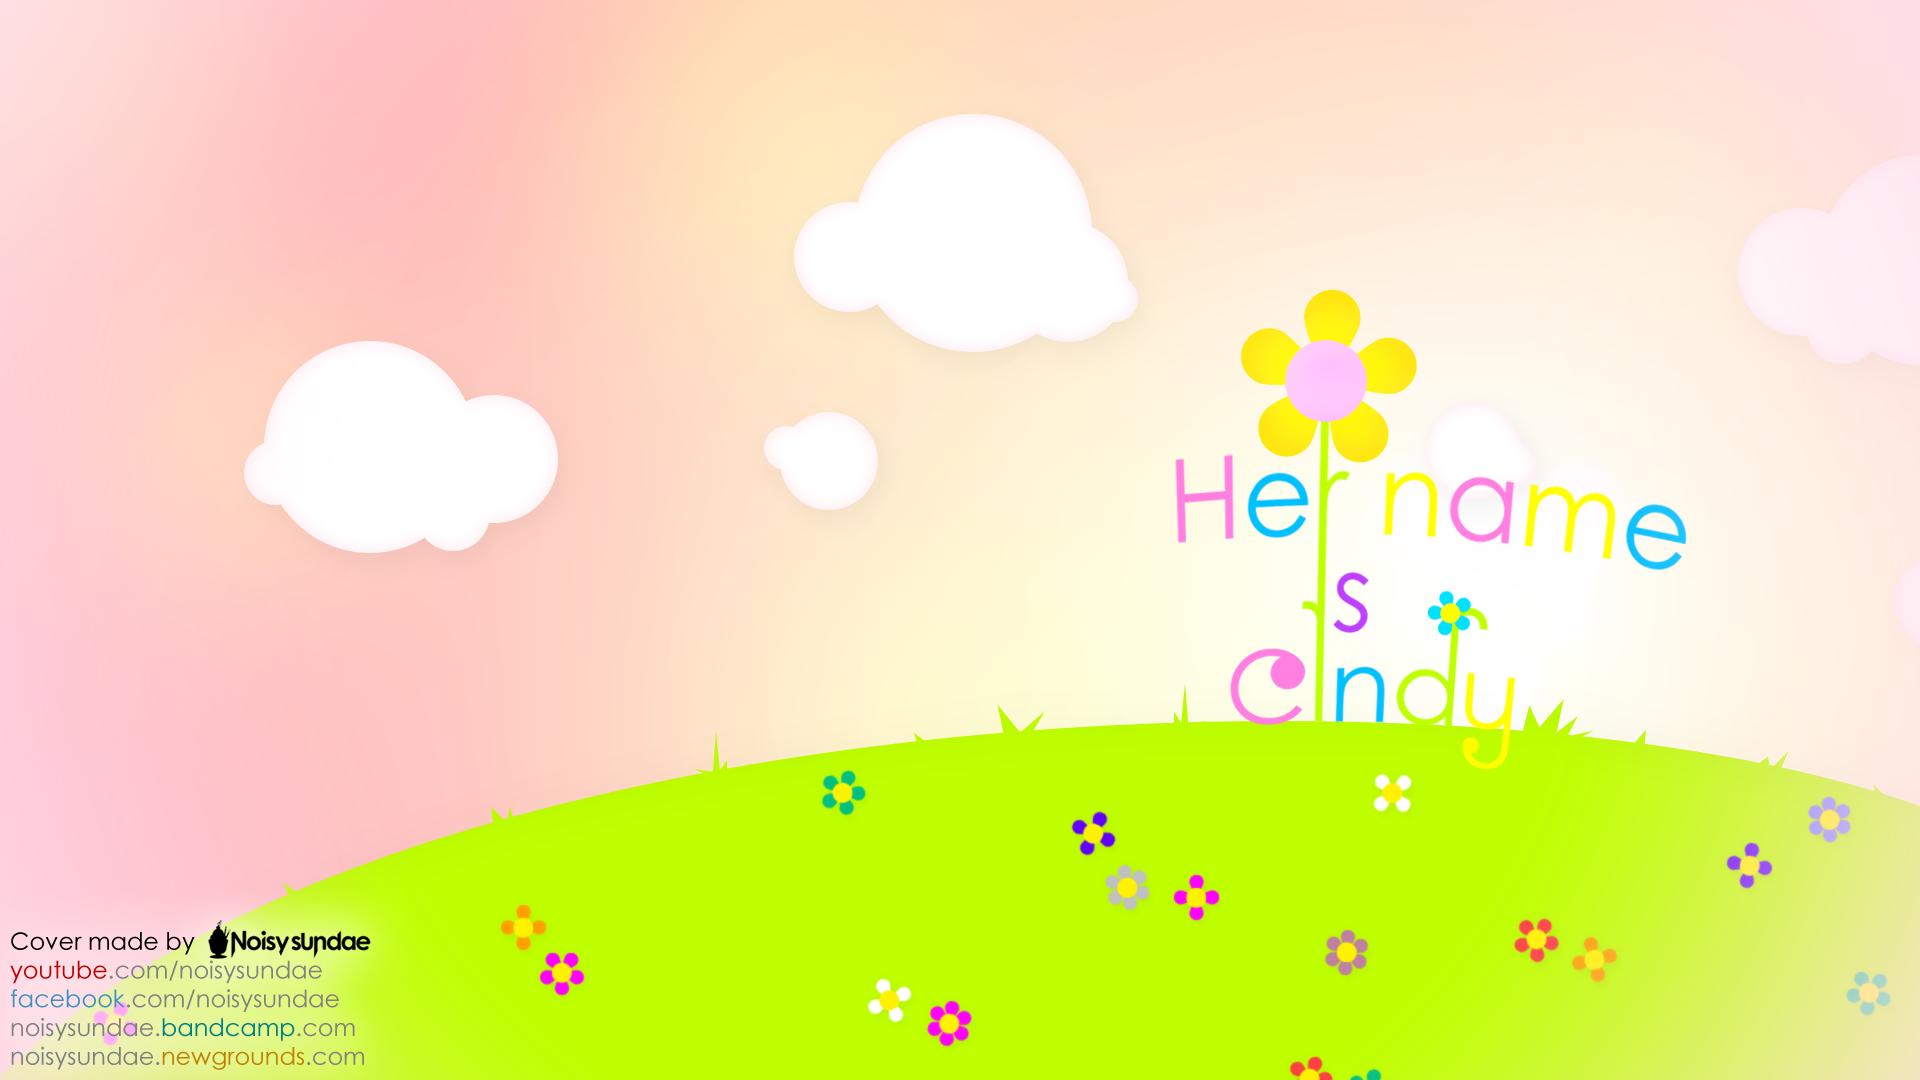 http://blogimg.ngfiles.com/921000/921203/641142150_Noisysundae-HernameisCindy.png